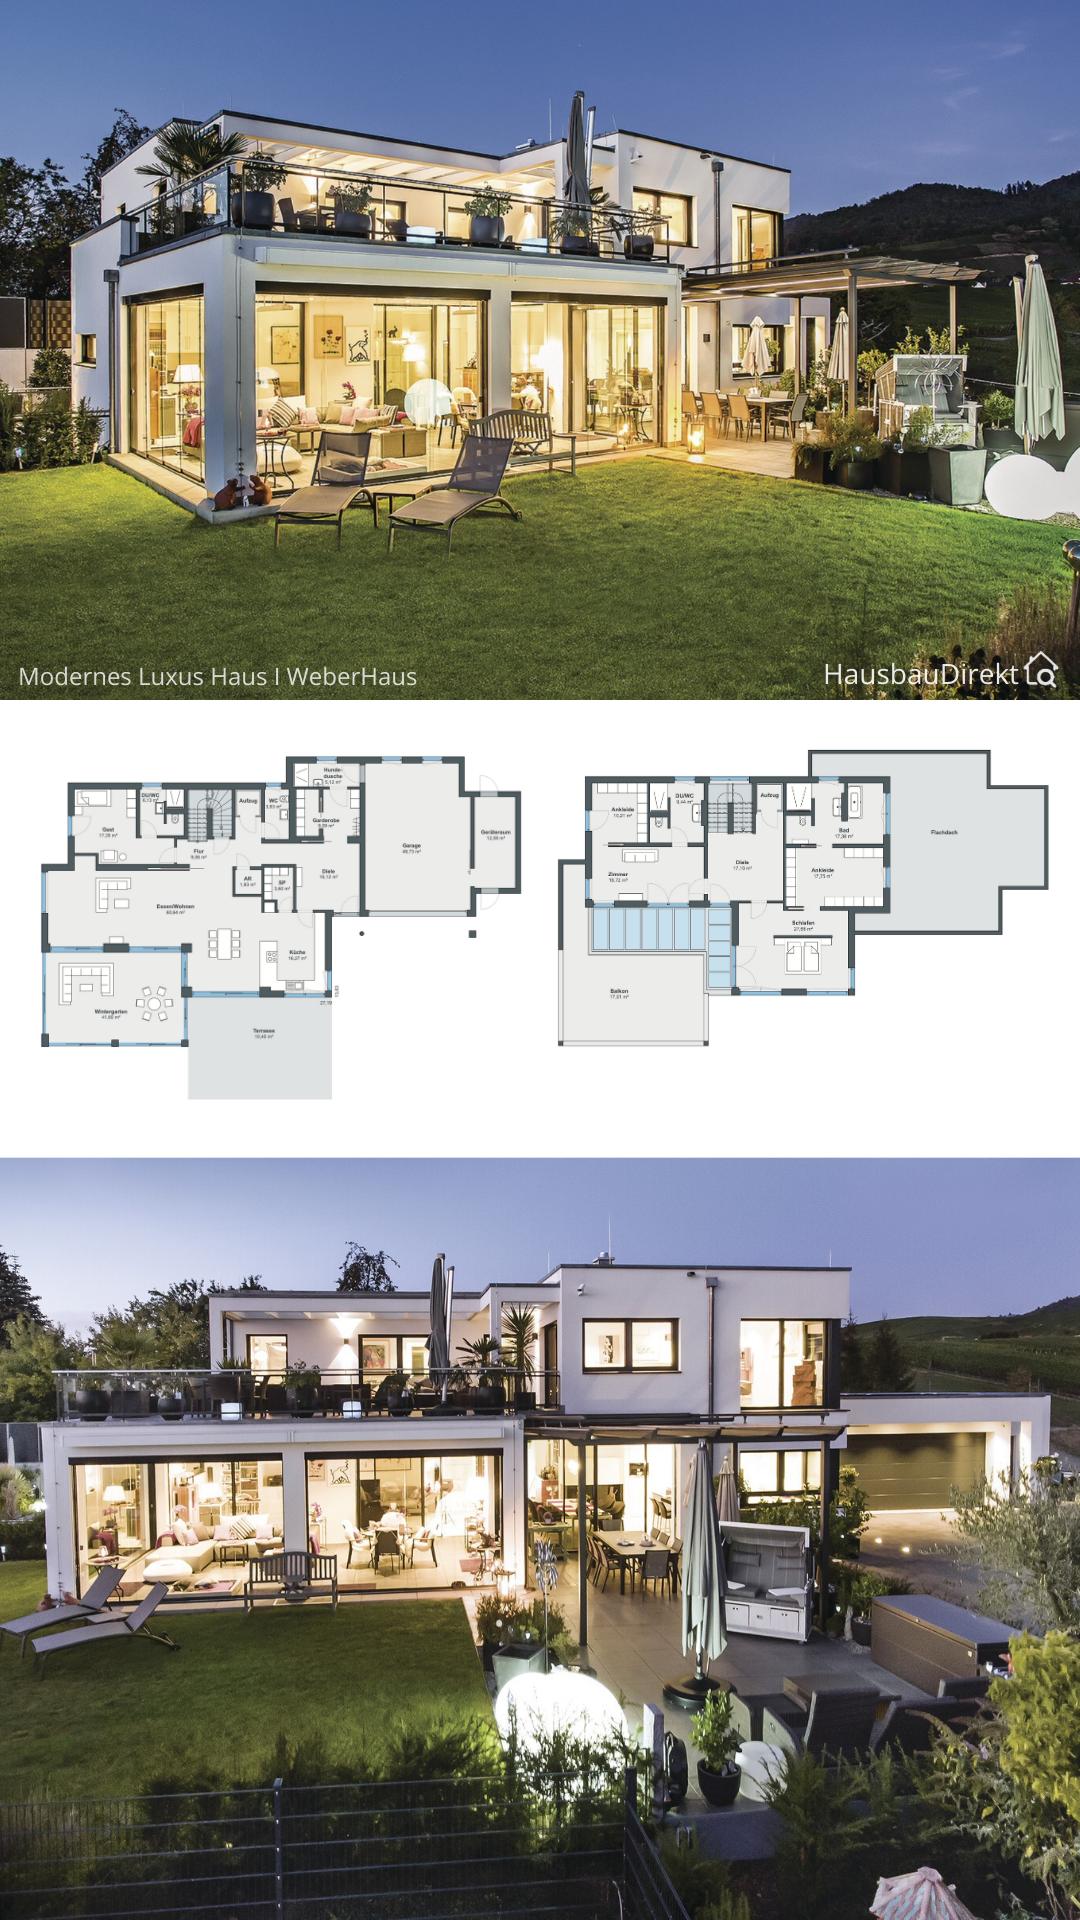 Moderne Einfamilienhaus Villa mit Garage & Flachdach im Bauhausstil bauen Haus Grundriss Ideen